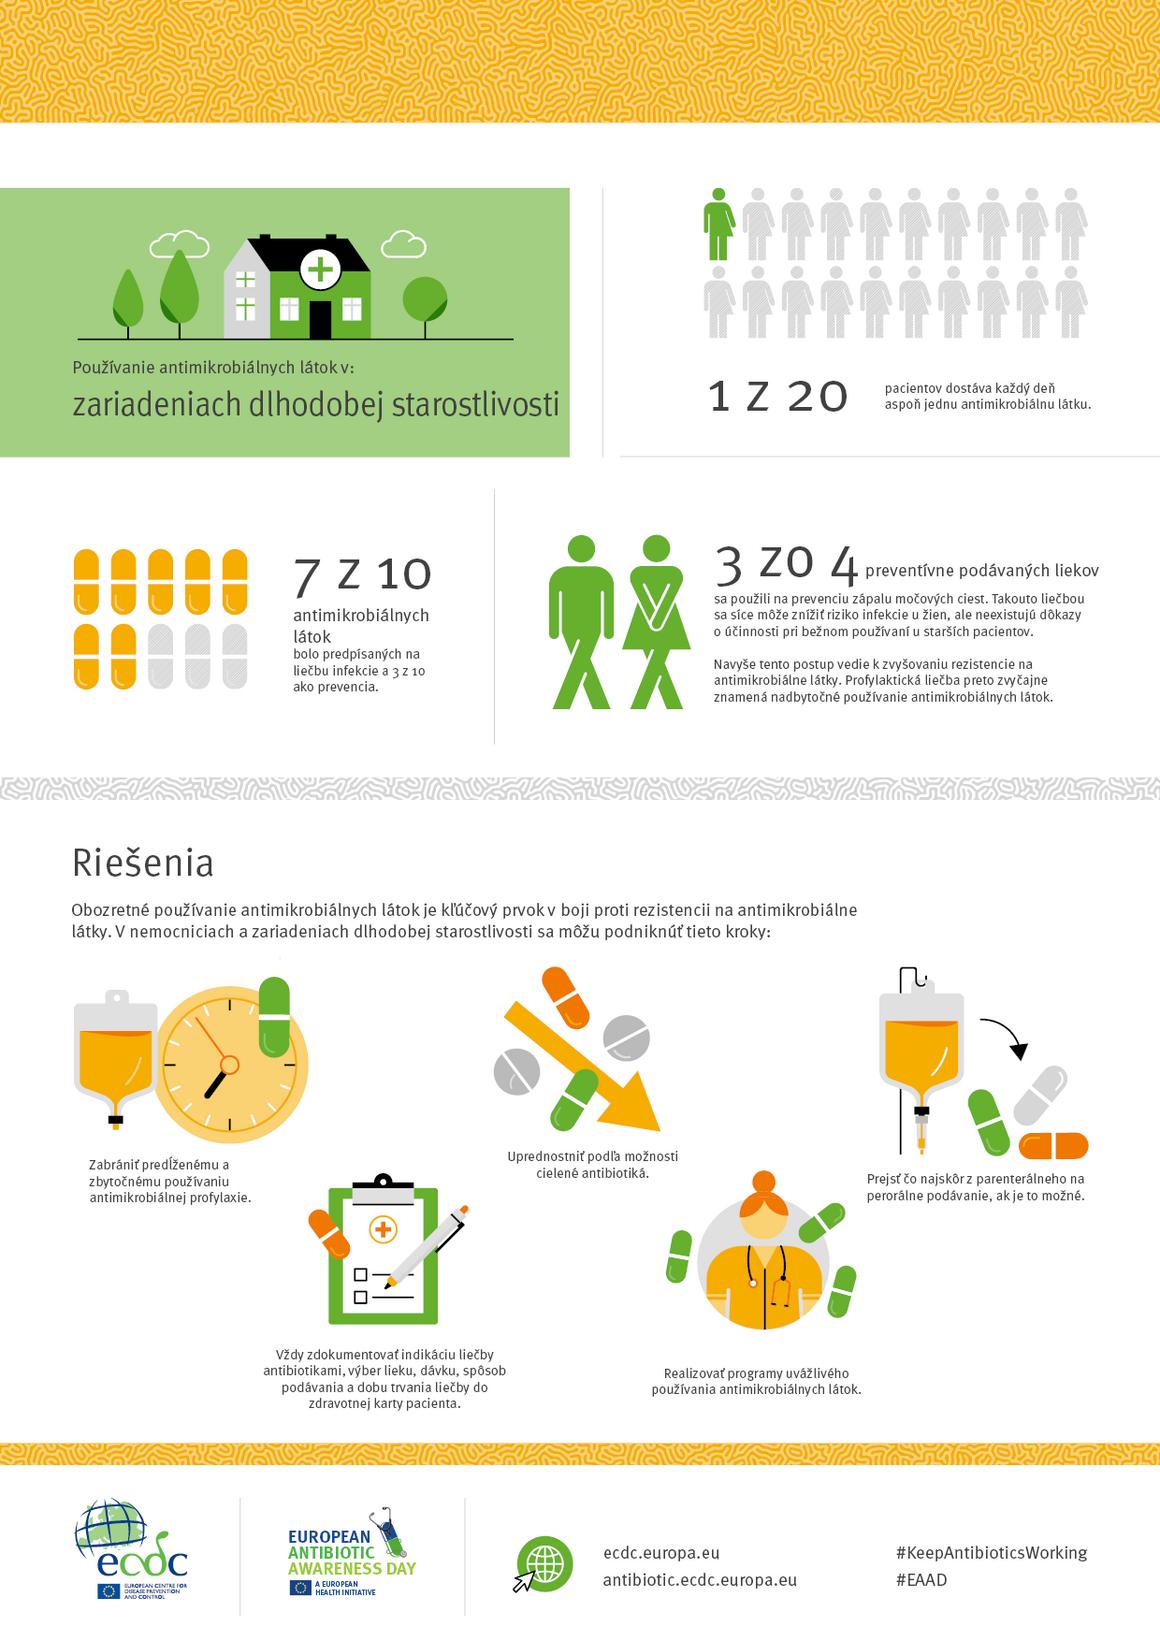 Používanie antimikrobiálnych látok v: zariadeniach dlhodobej starostlivosti